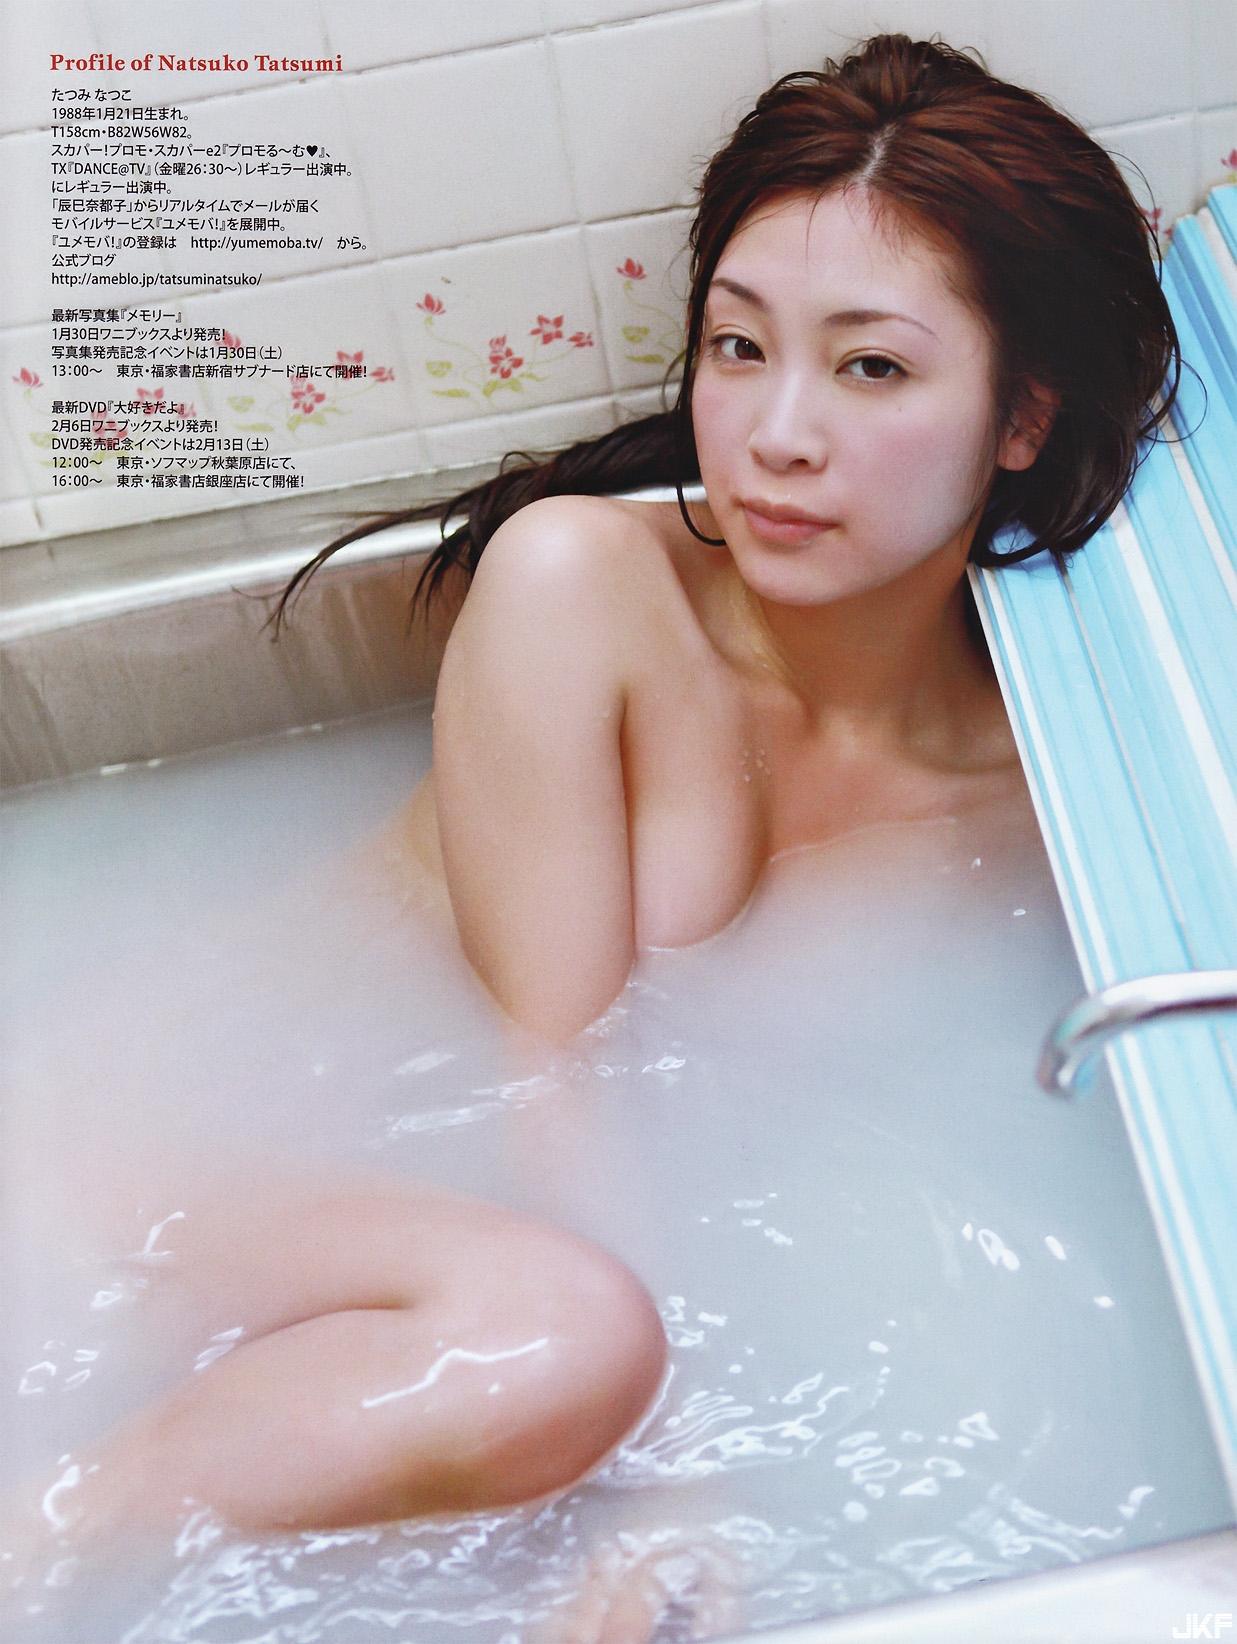 tatsumi-natsuko-591165.jpg